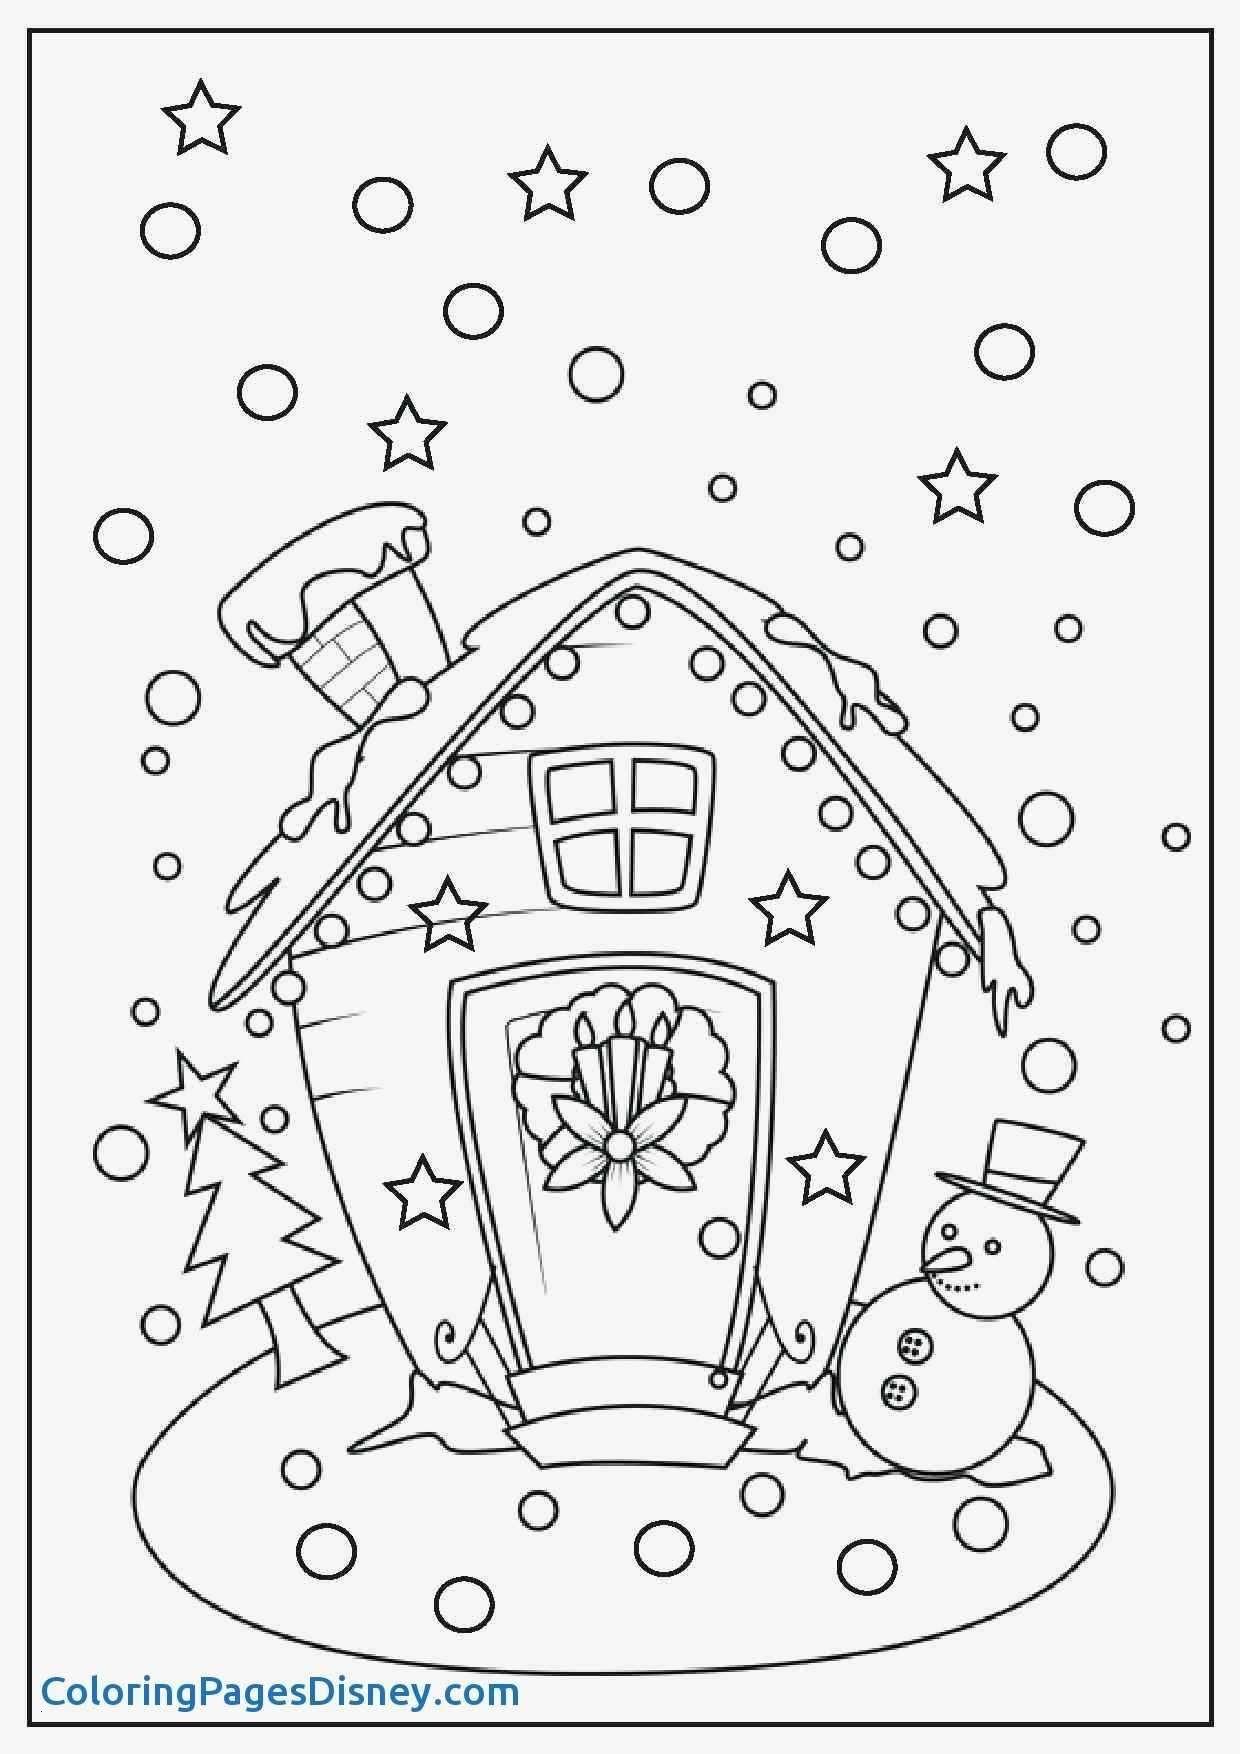 Minnie Maus Malvorlagen Genial Schrift Malvorlagen Wundersame Minnie Mouse Malvorlagen Frisch Bild